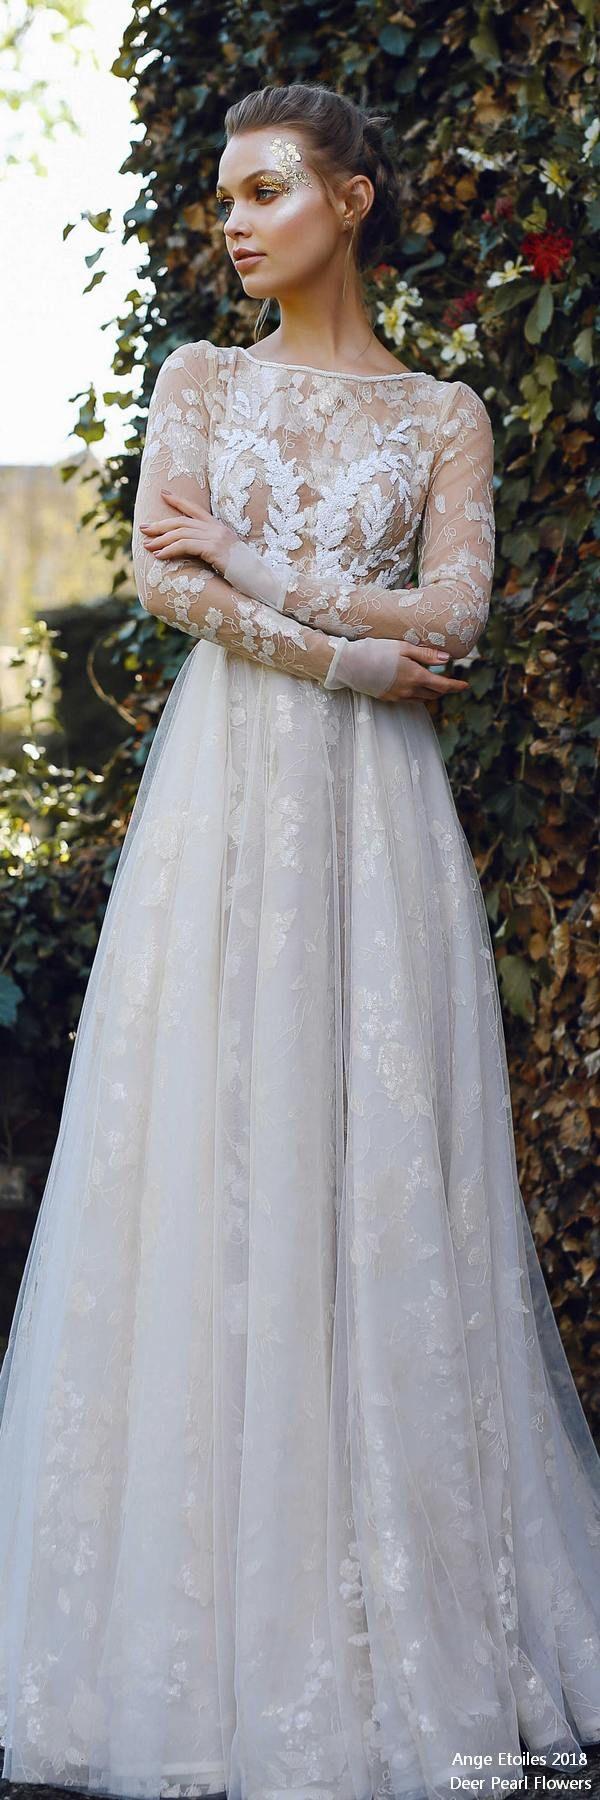 Etsy finds ange etoiles wedding dresses long sleeved wedding